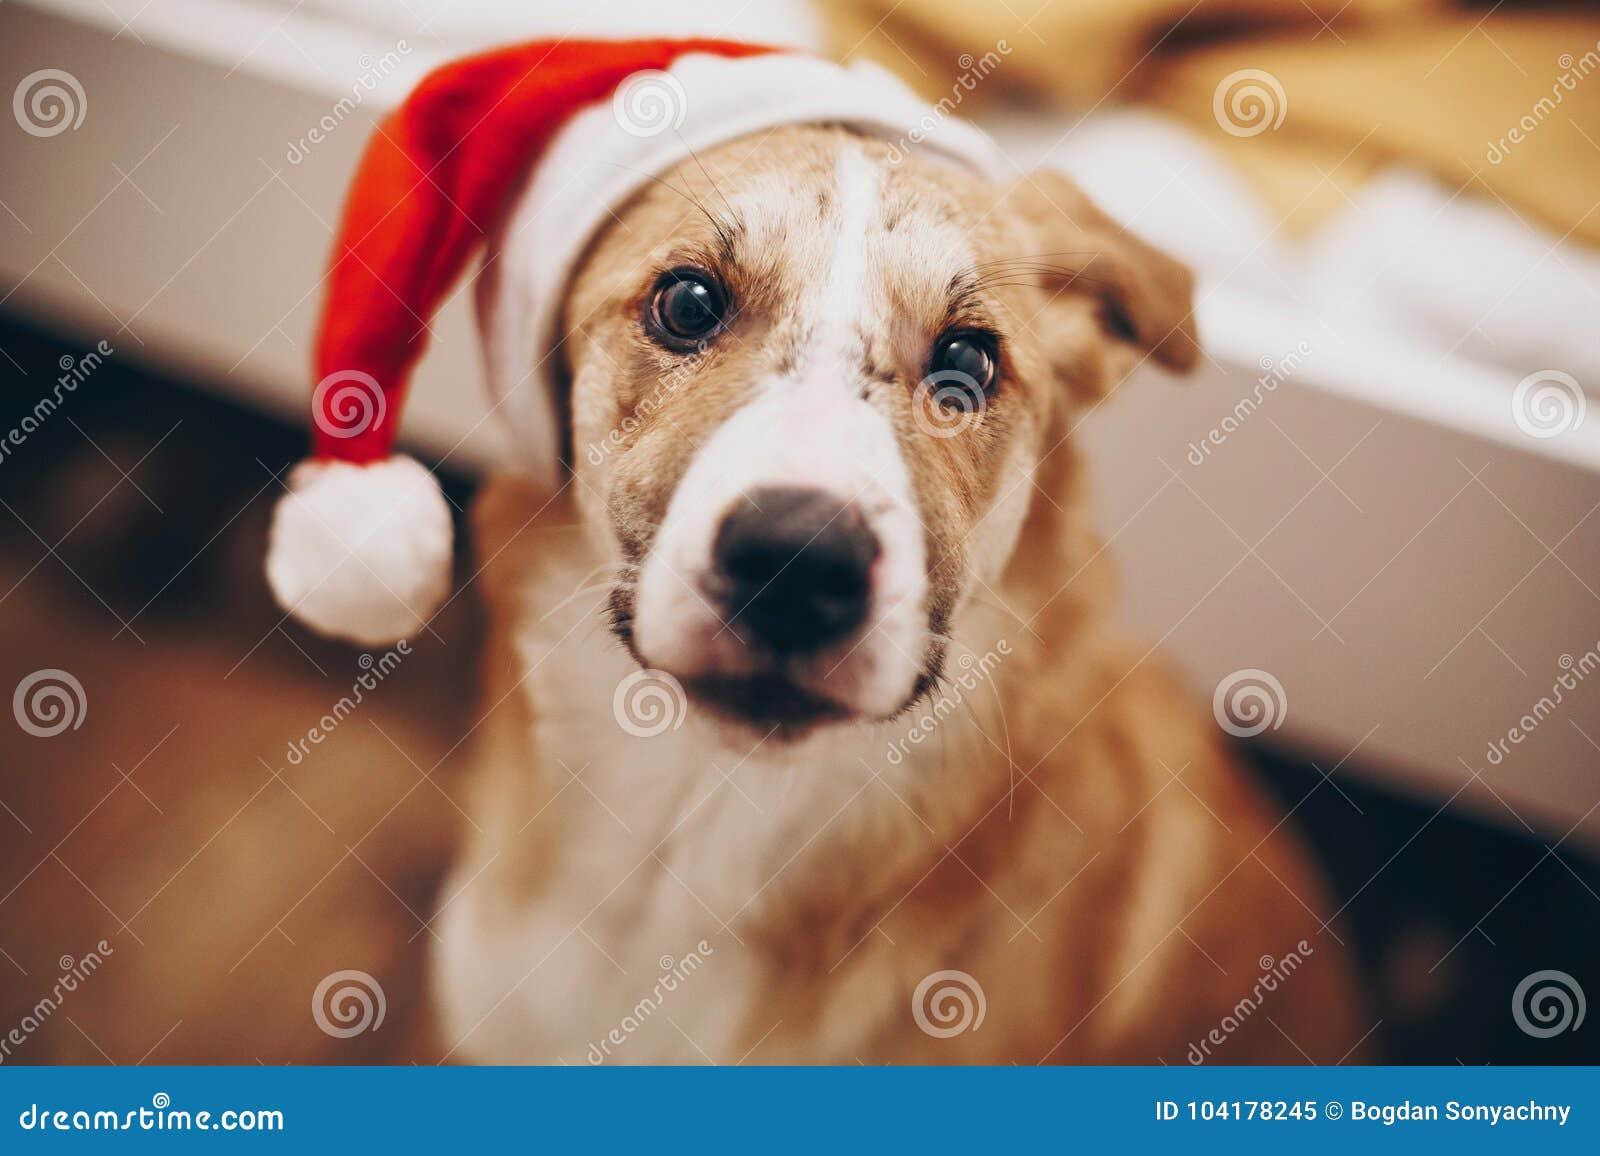 Konzept der frohen Weihnachten und des guten Rutsch ins Neue Jahr netter Hund in Sankt ha